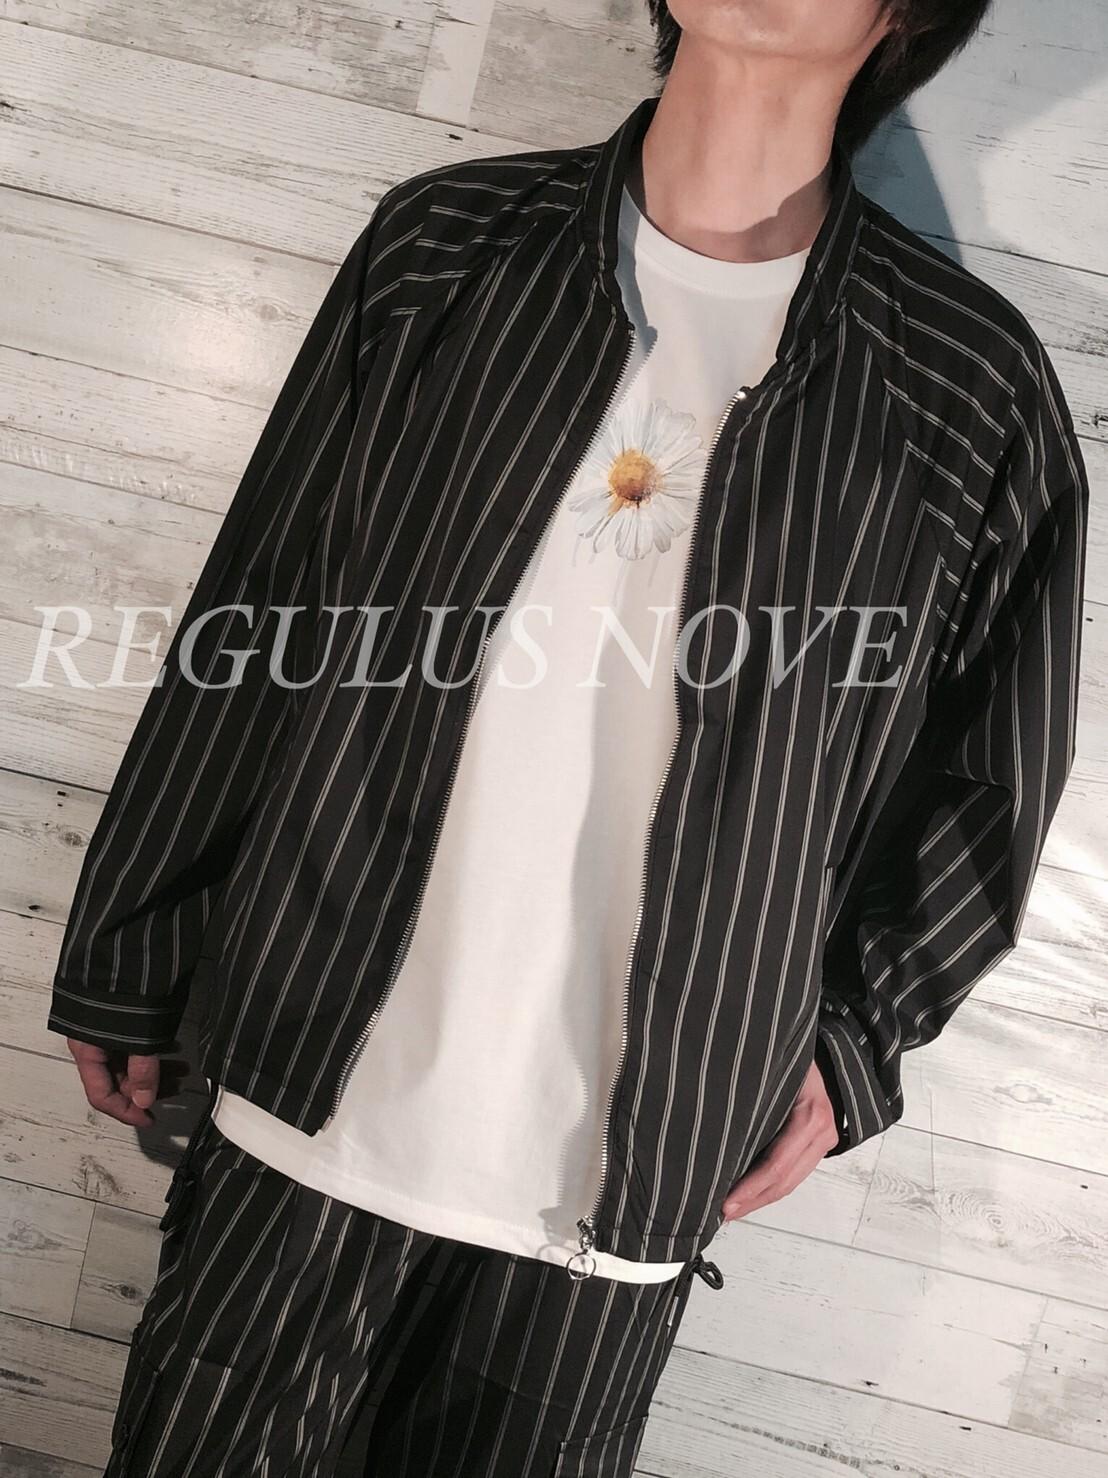 【SETUP対応】 REGULUS NOVE  ノーカラーシャツジャケット メンズ SETUP セットアップ トレンド ストライプ ルーズ シャツ ジャケット MA-1 フライドジャケット バンドカラージャケット